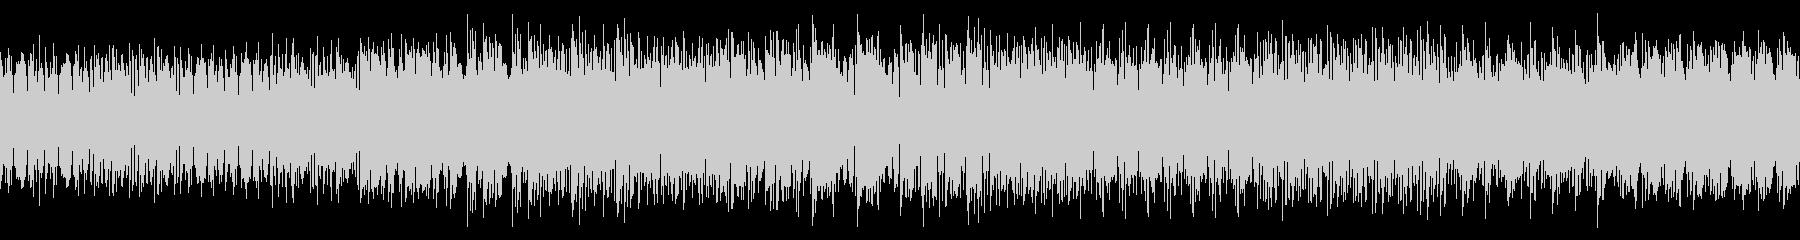 シンプル・ファンキーなディスコな曲の未再生の波形